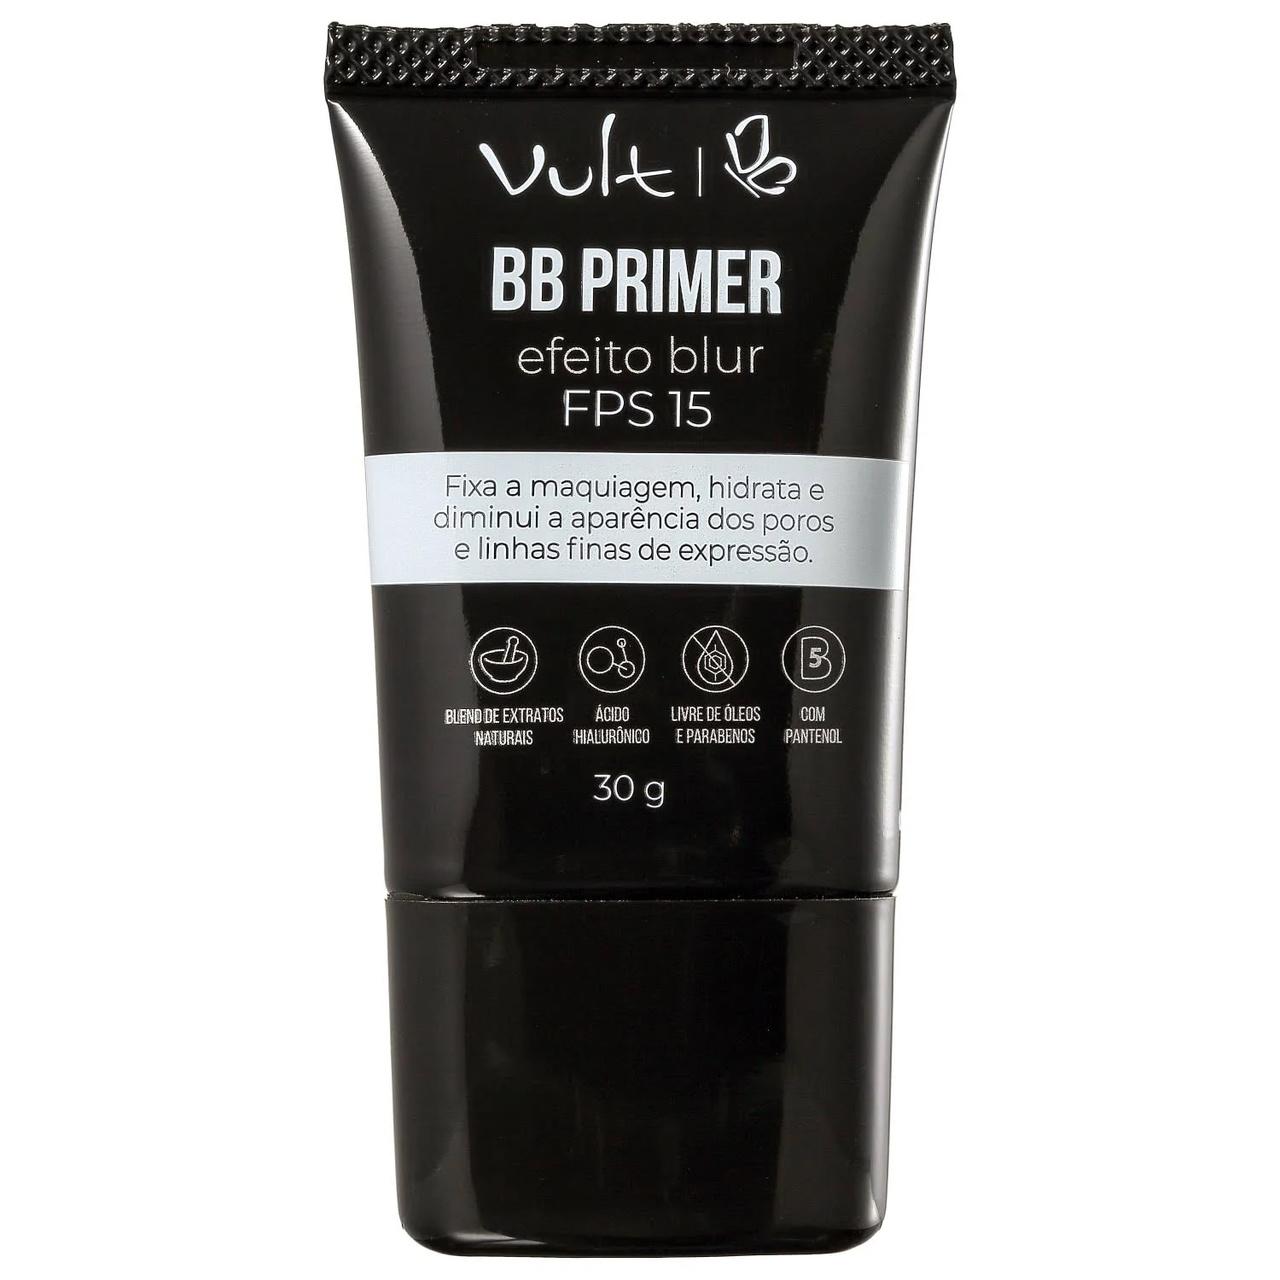 BB Primer efeito blur FPS 15 Vult